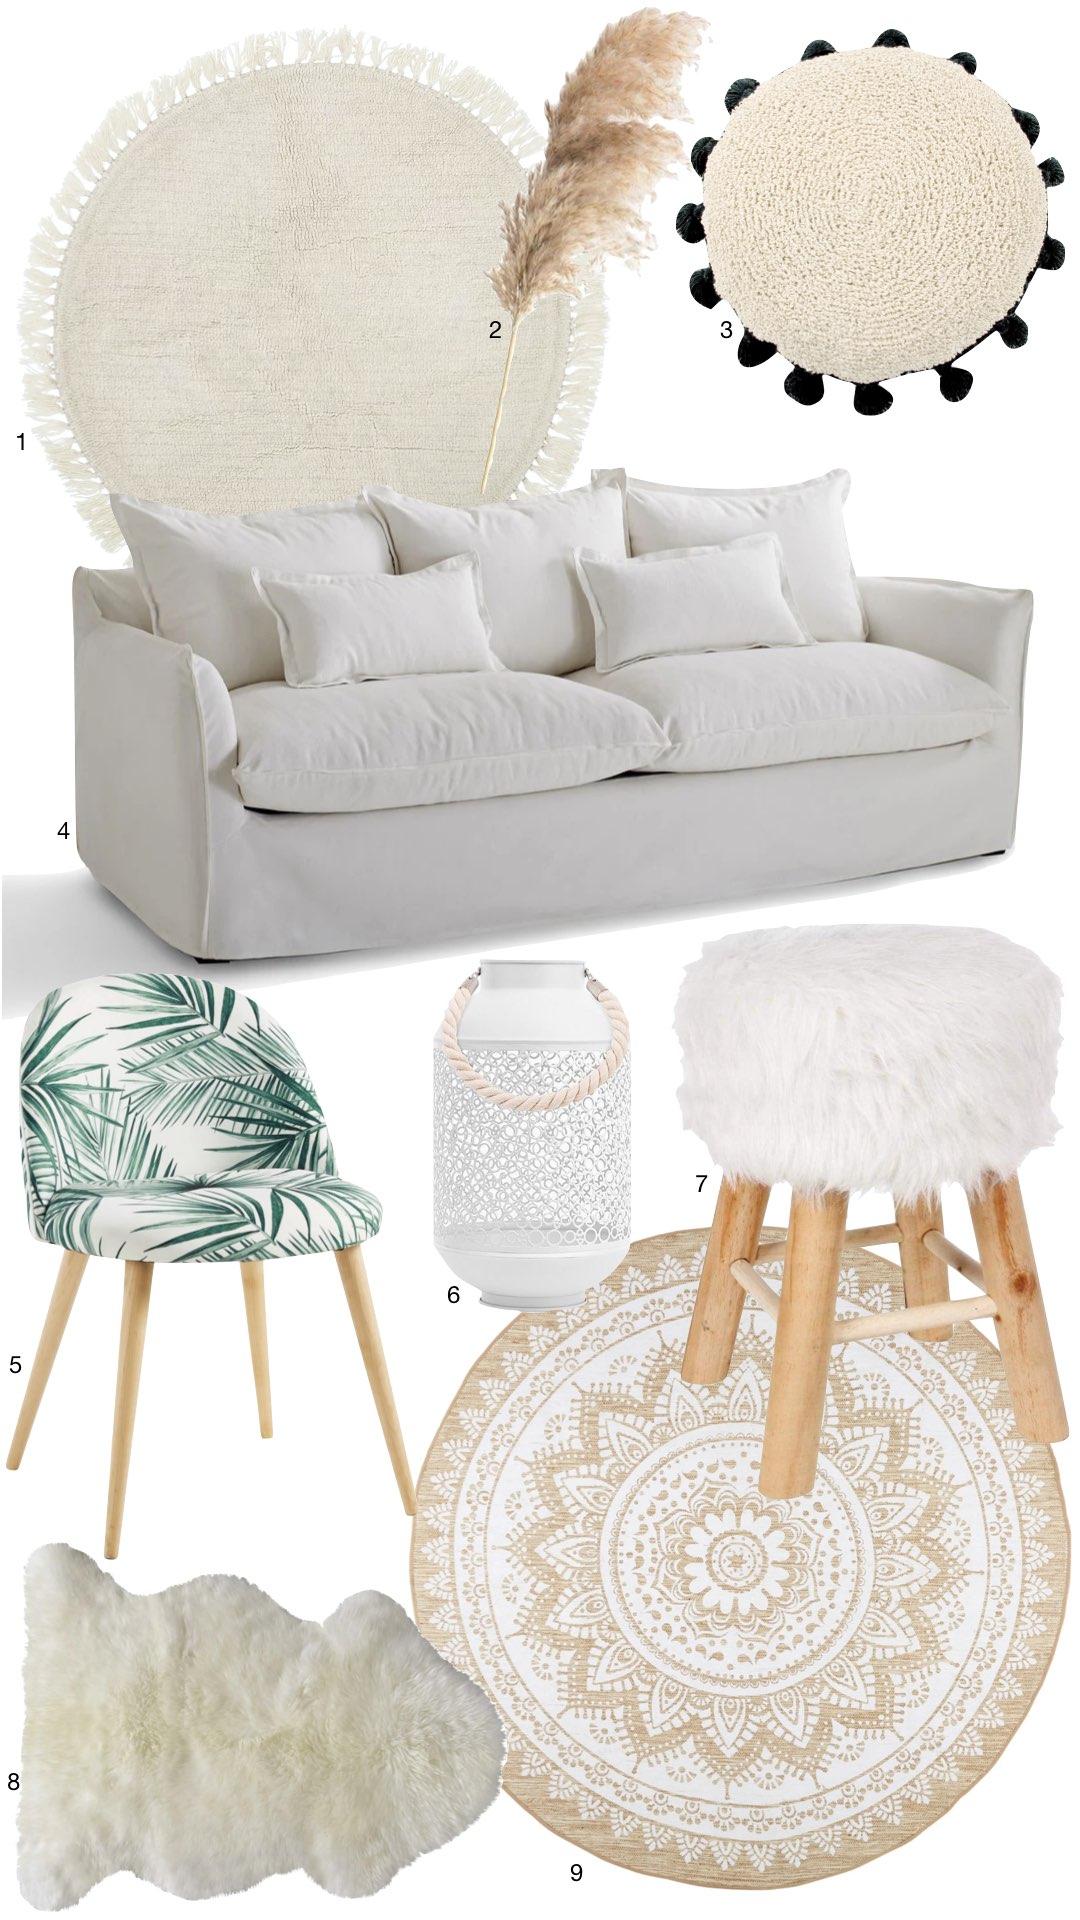 déco scandi boho meubler salon pas cher tapis rond fausse fourrure canapé blanc lin